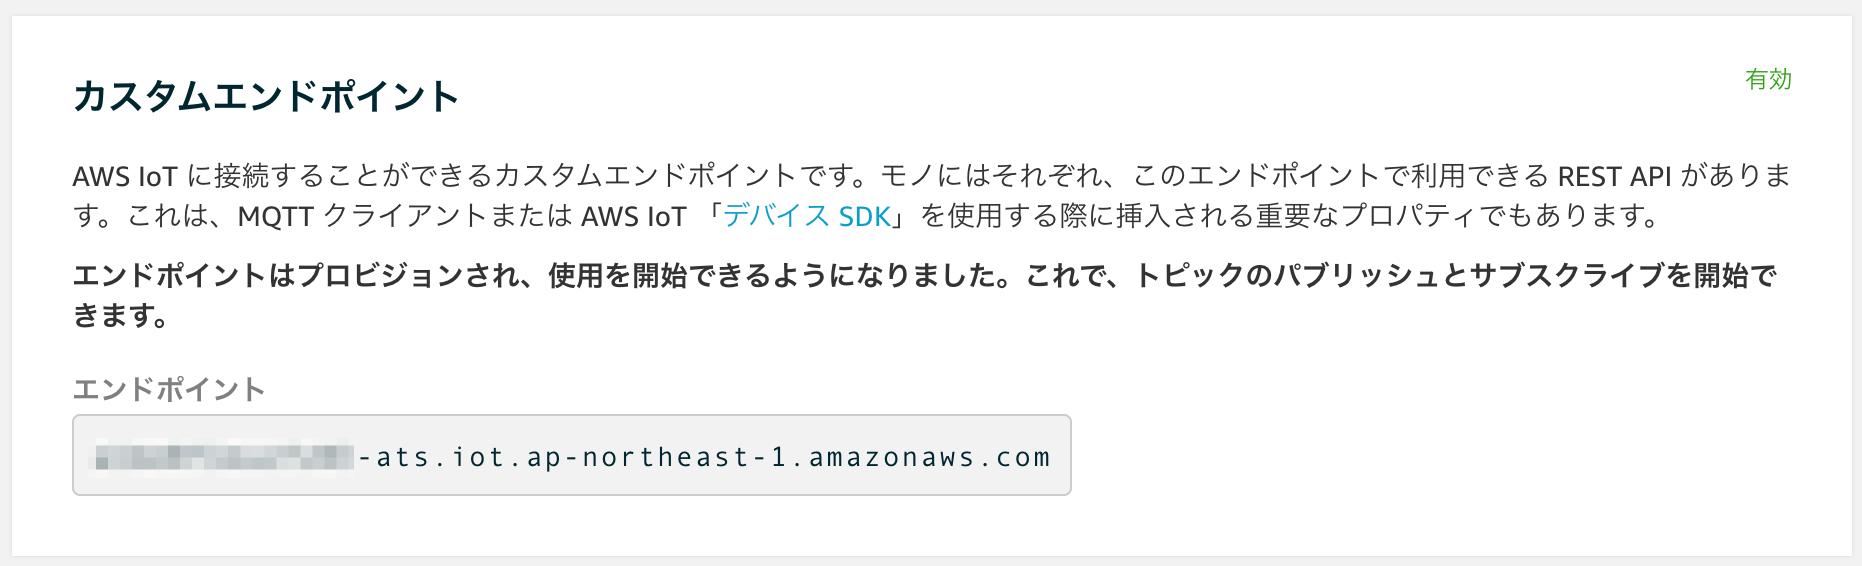 AWS IoTのエンドポイント